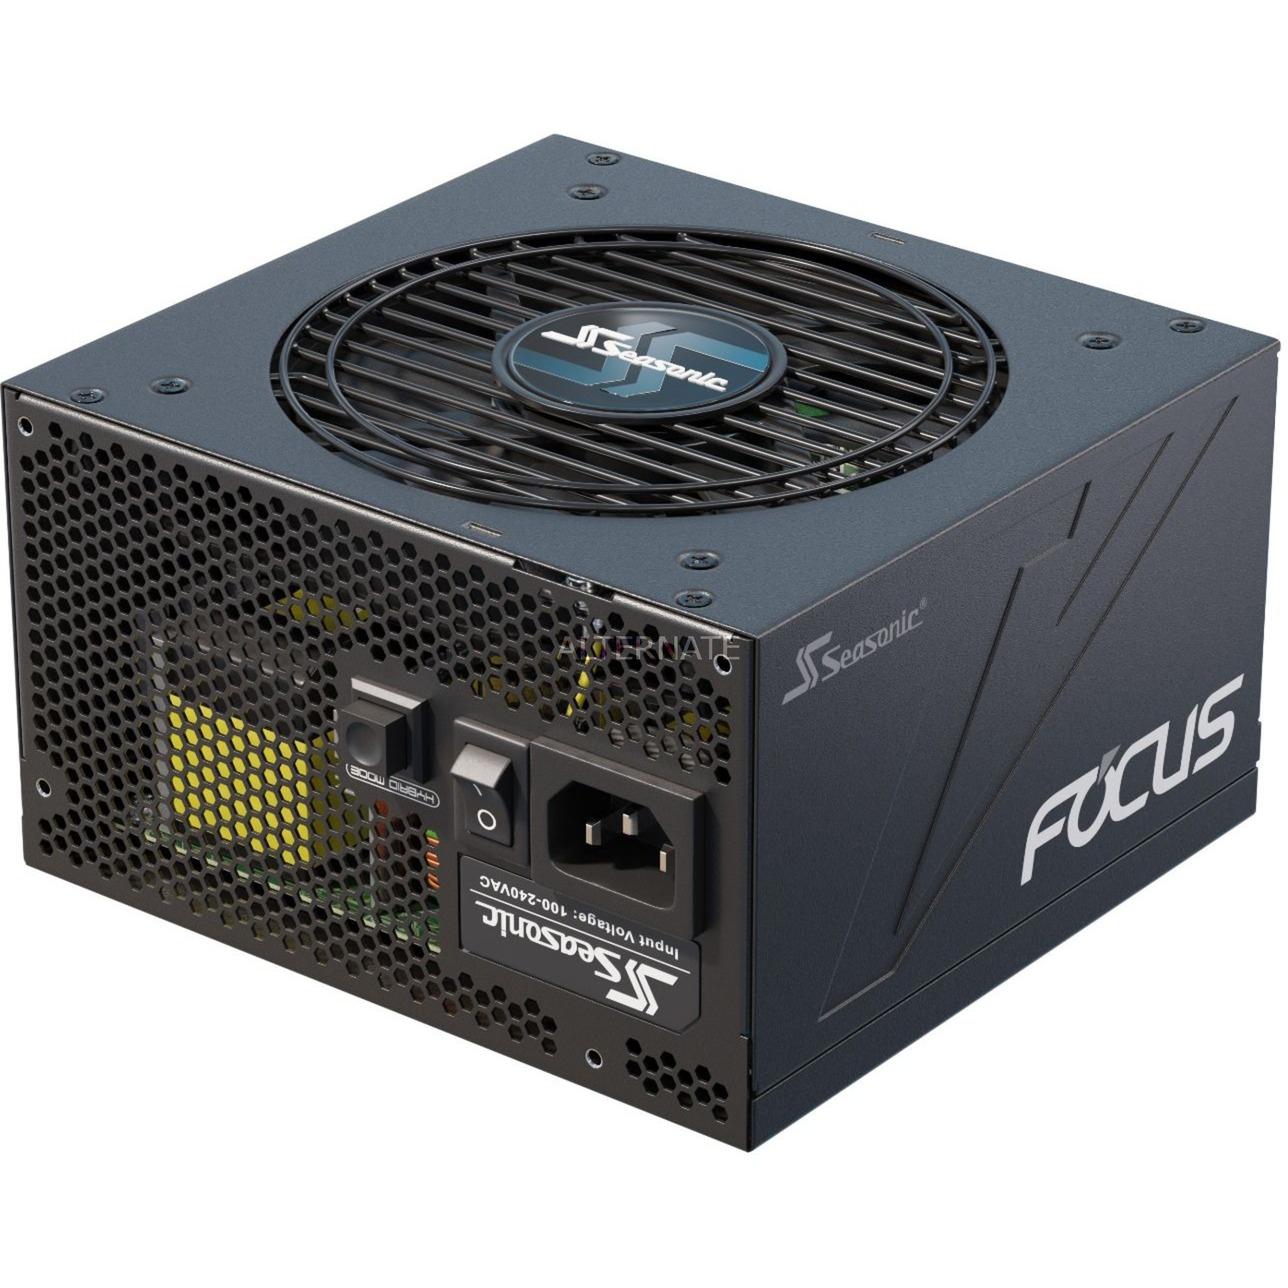 FOCUS-GX-550 unidad de fuente de alimentación 550 W ATX Negro, Fuente de alimentación de PC